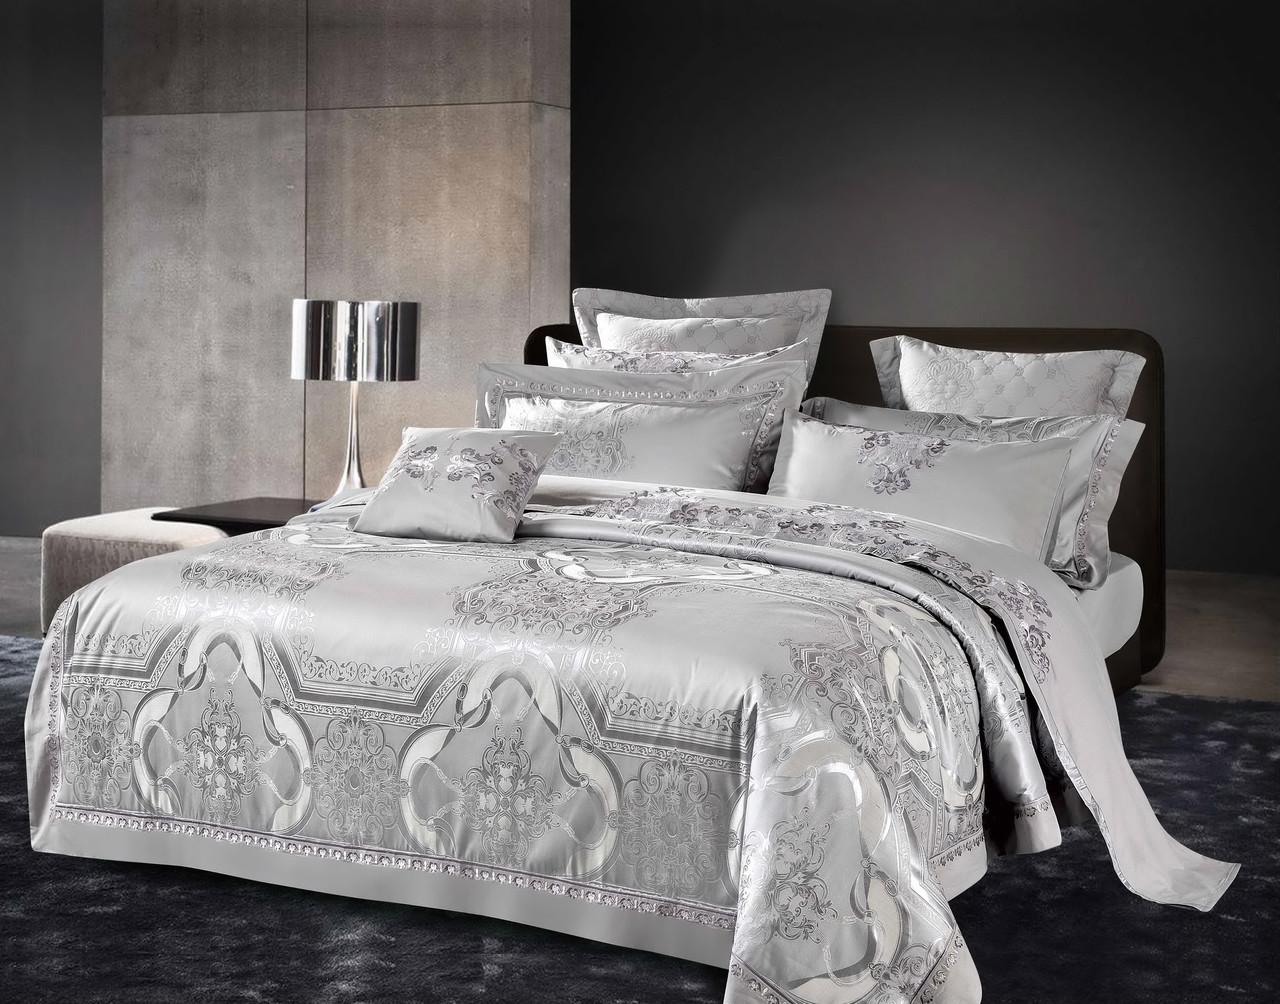 Комплект постельного белья Bella Villa Евро сатин жаккард серый с кружевом